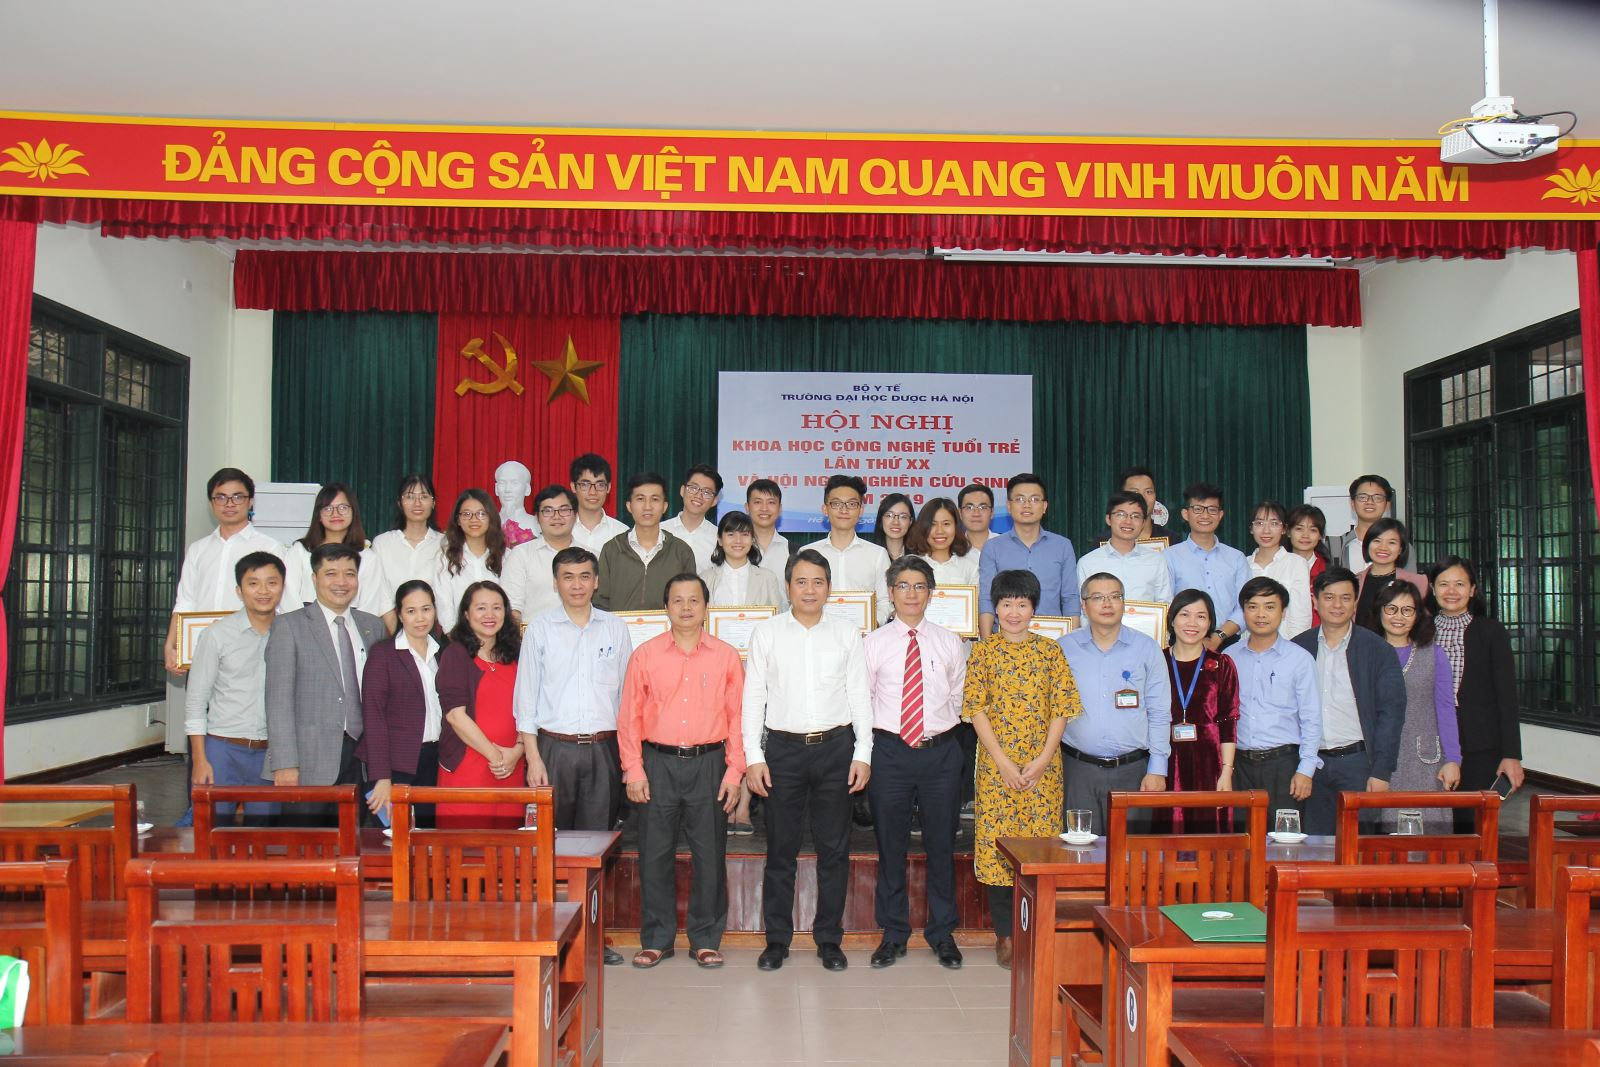 Hội nghị khoa học công nghệ tuổi trẻ Trường Đại học Dược Hà Nội lần thứ XX